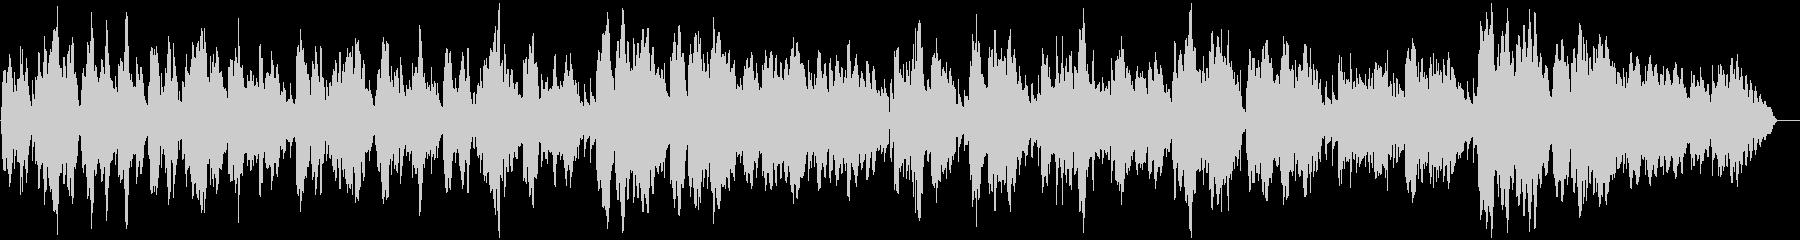 アコーディオンの牧歌ワルツの未再生の波形